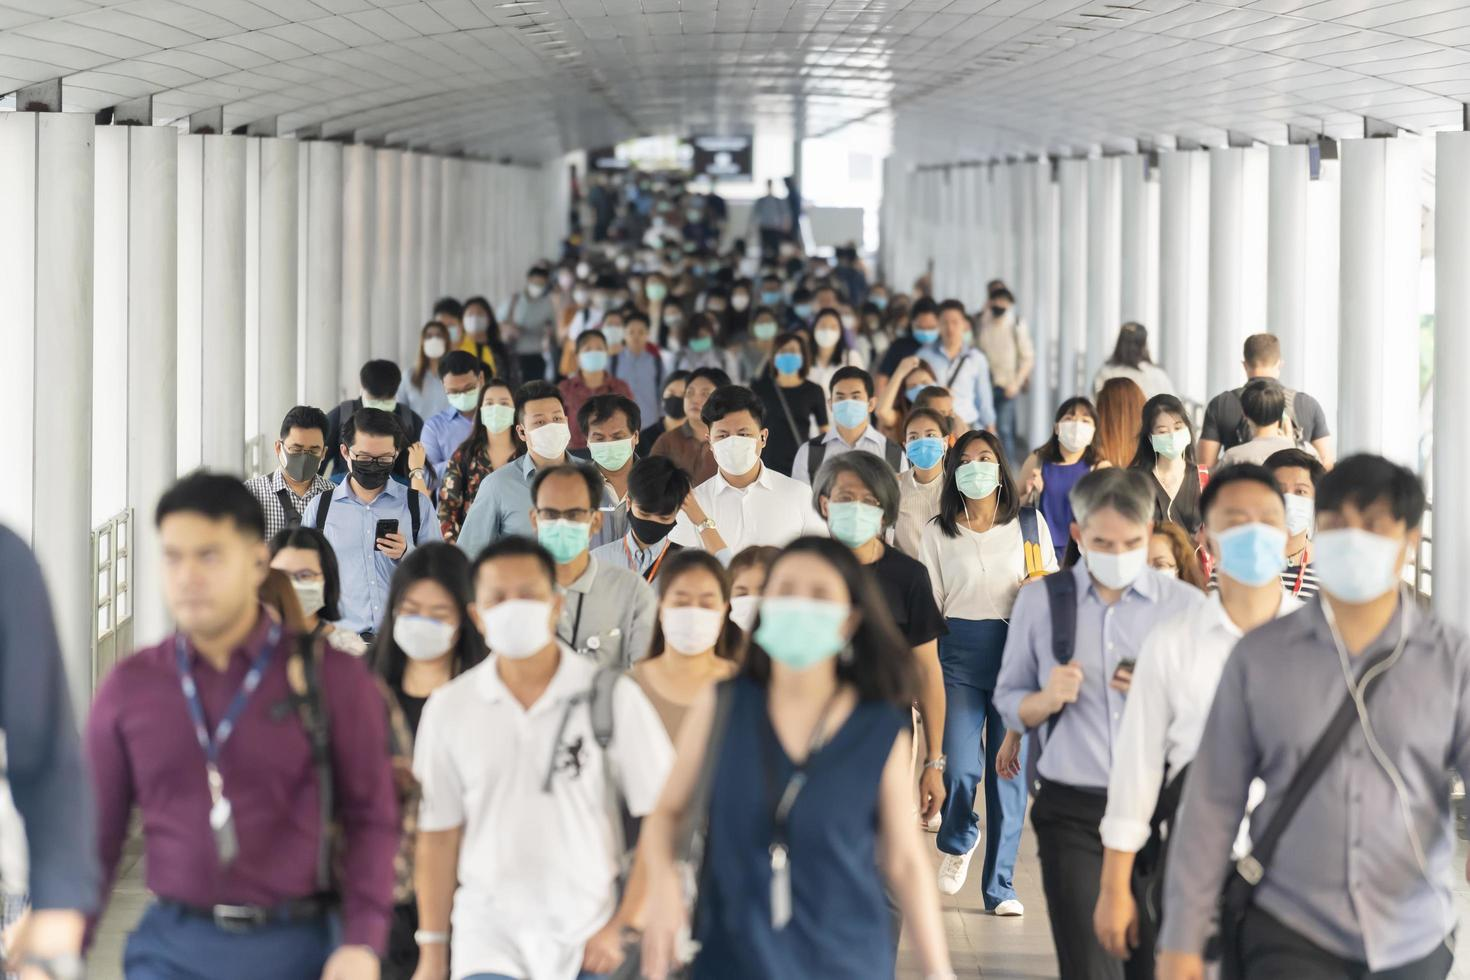 Bangkok, Thaïlande, mars 2020, une foule de gens d'affaires méconnaissables portant un masque chirurgical pour prévenir une épidémie de coronavirus photo